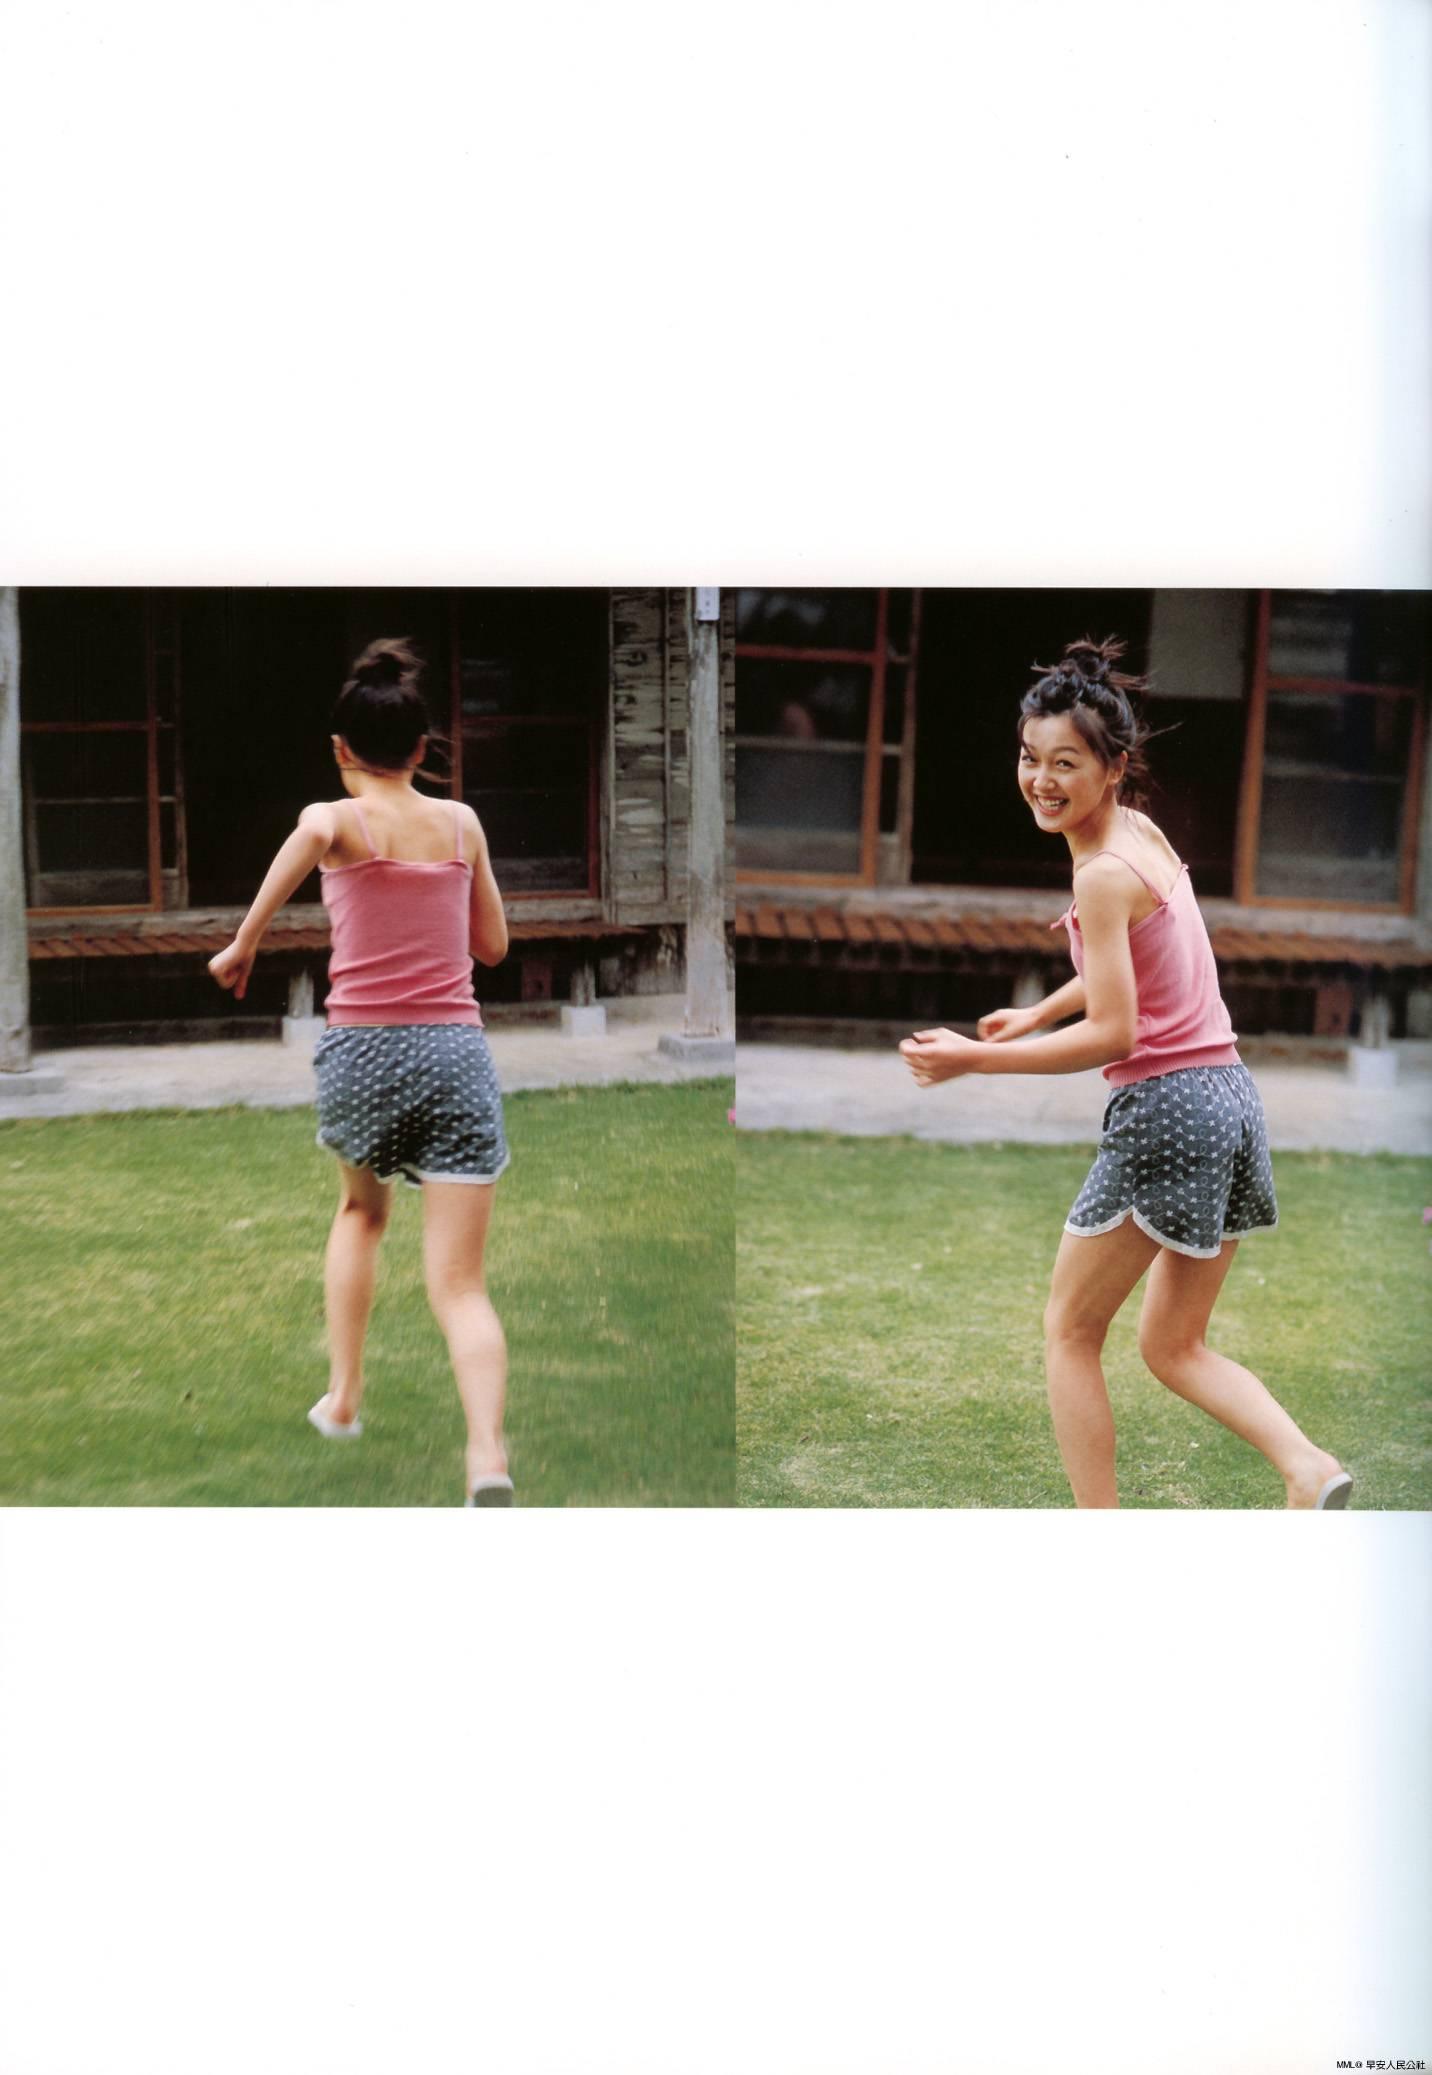 Kusumi Koharu (久住小春), Morning Musume (モーニング娘。), Photobook